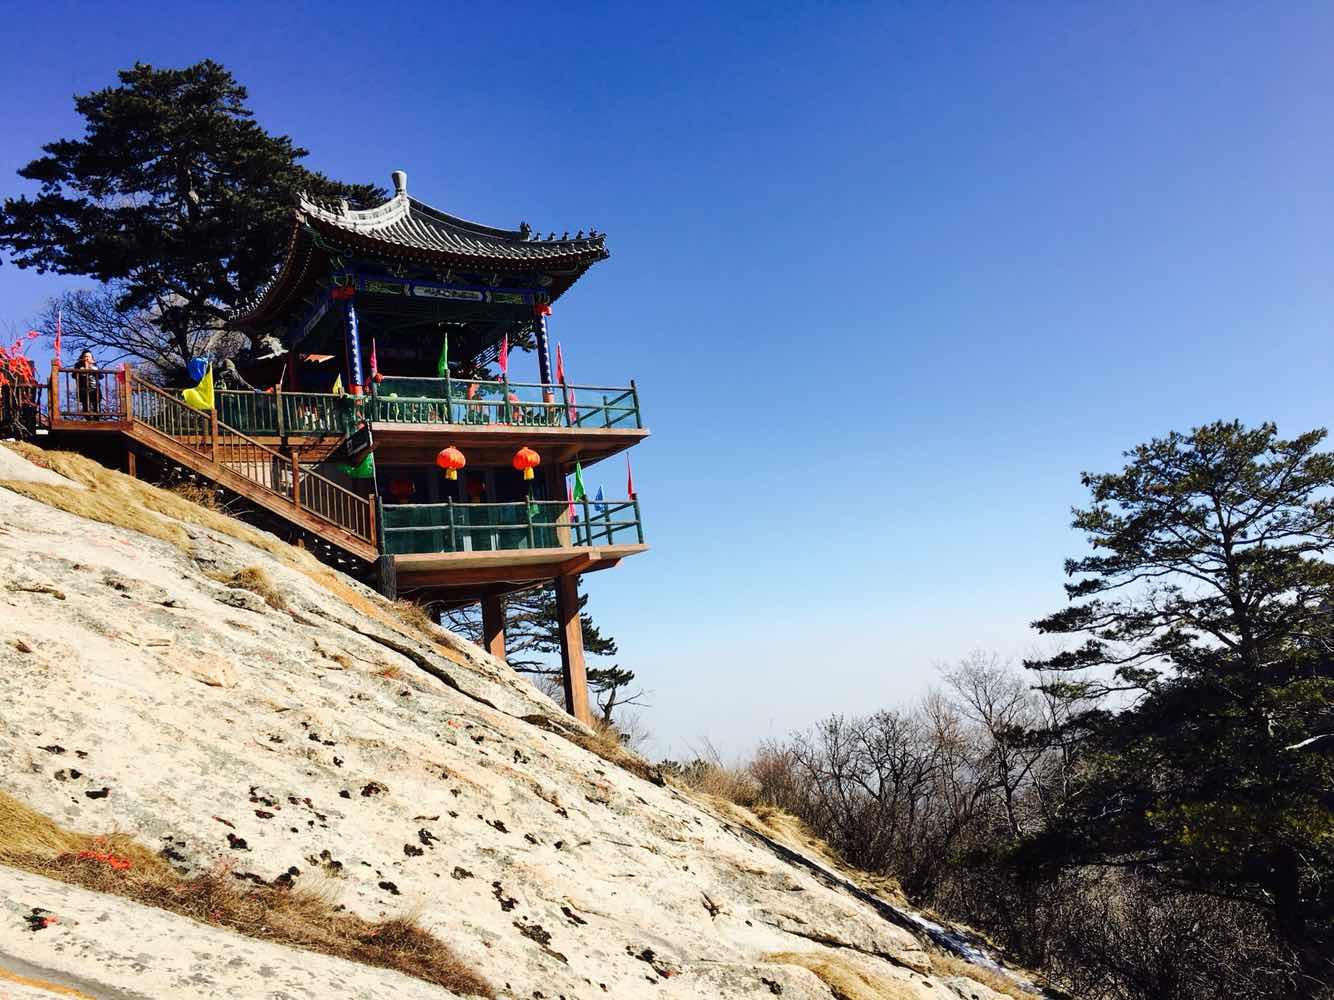 陕西景点门票 渭南景点门票 华山风景名胜区  利用周末时间去爬的华